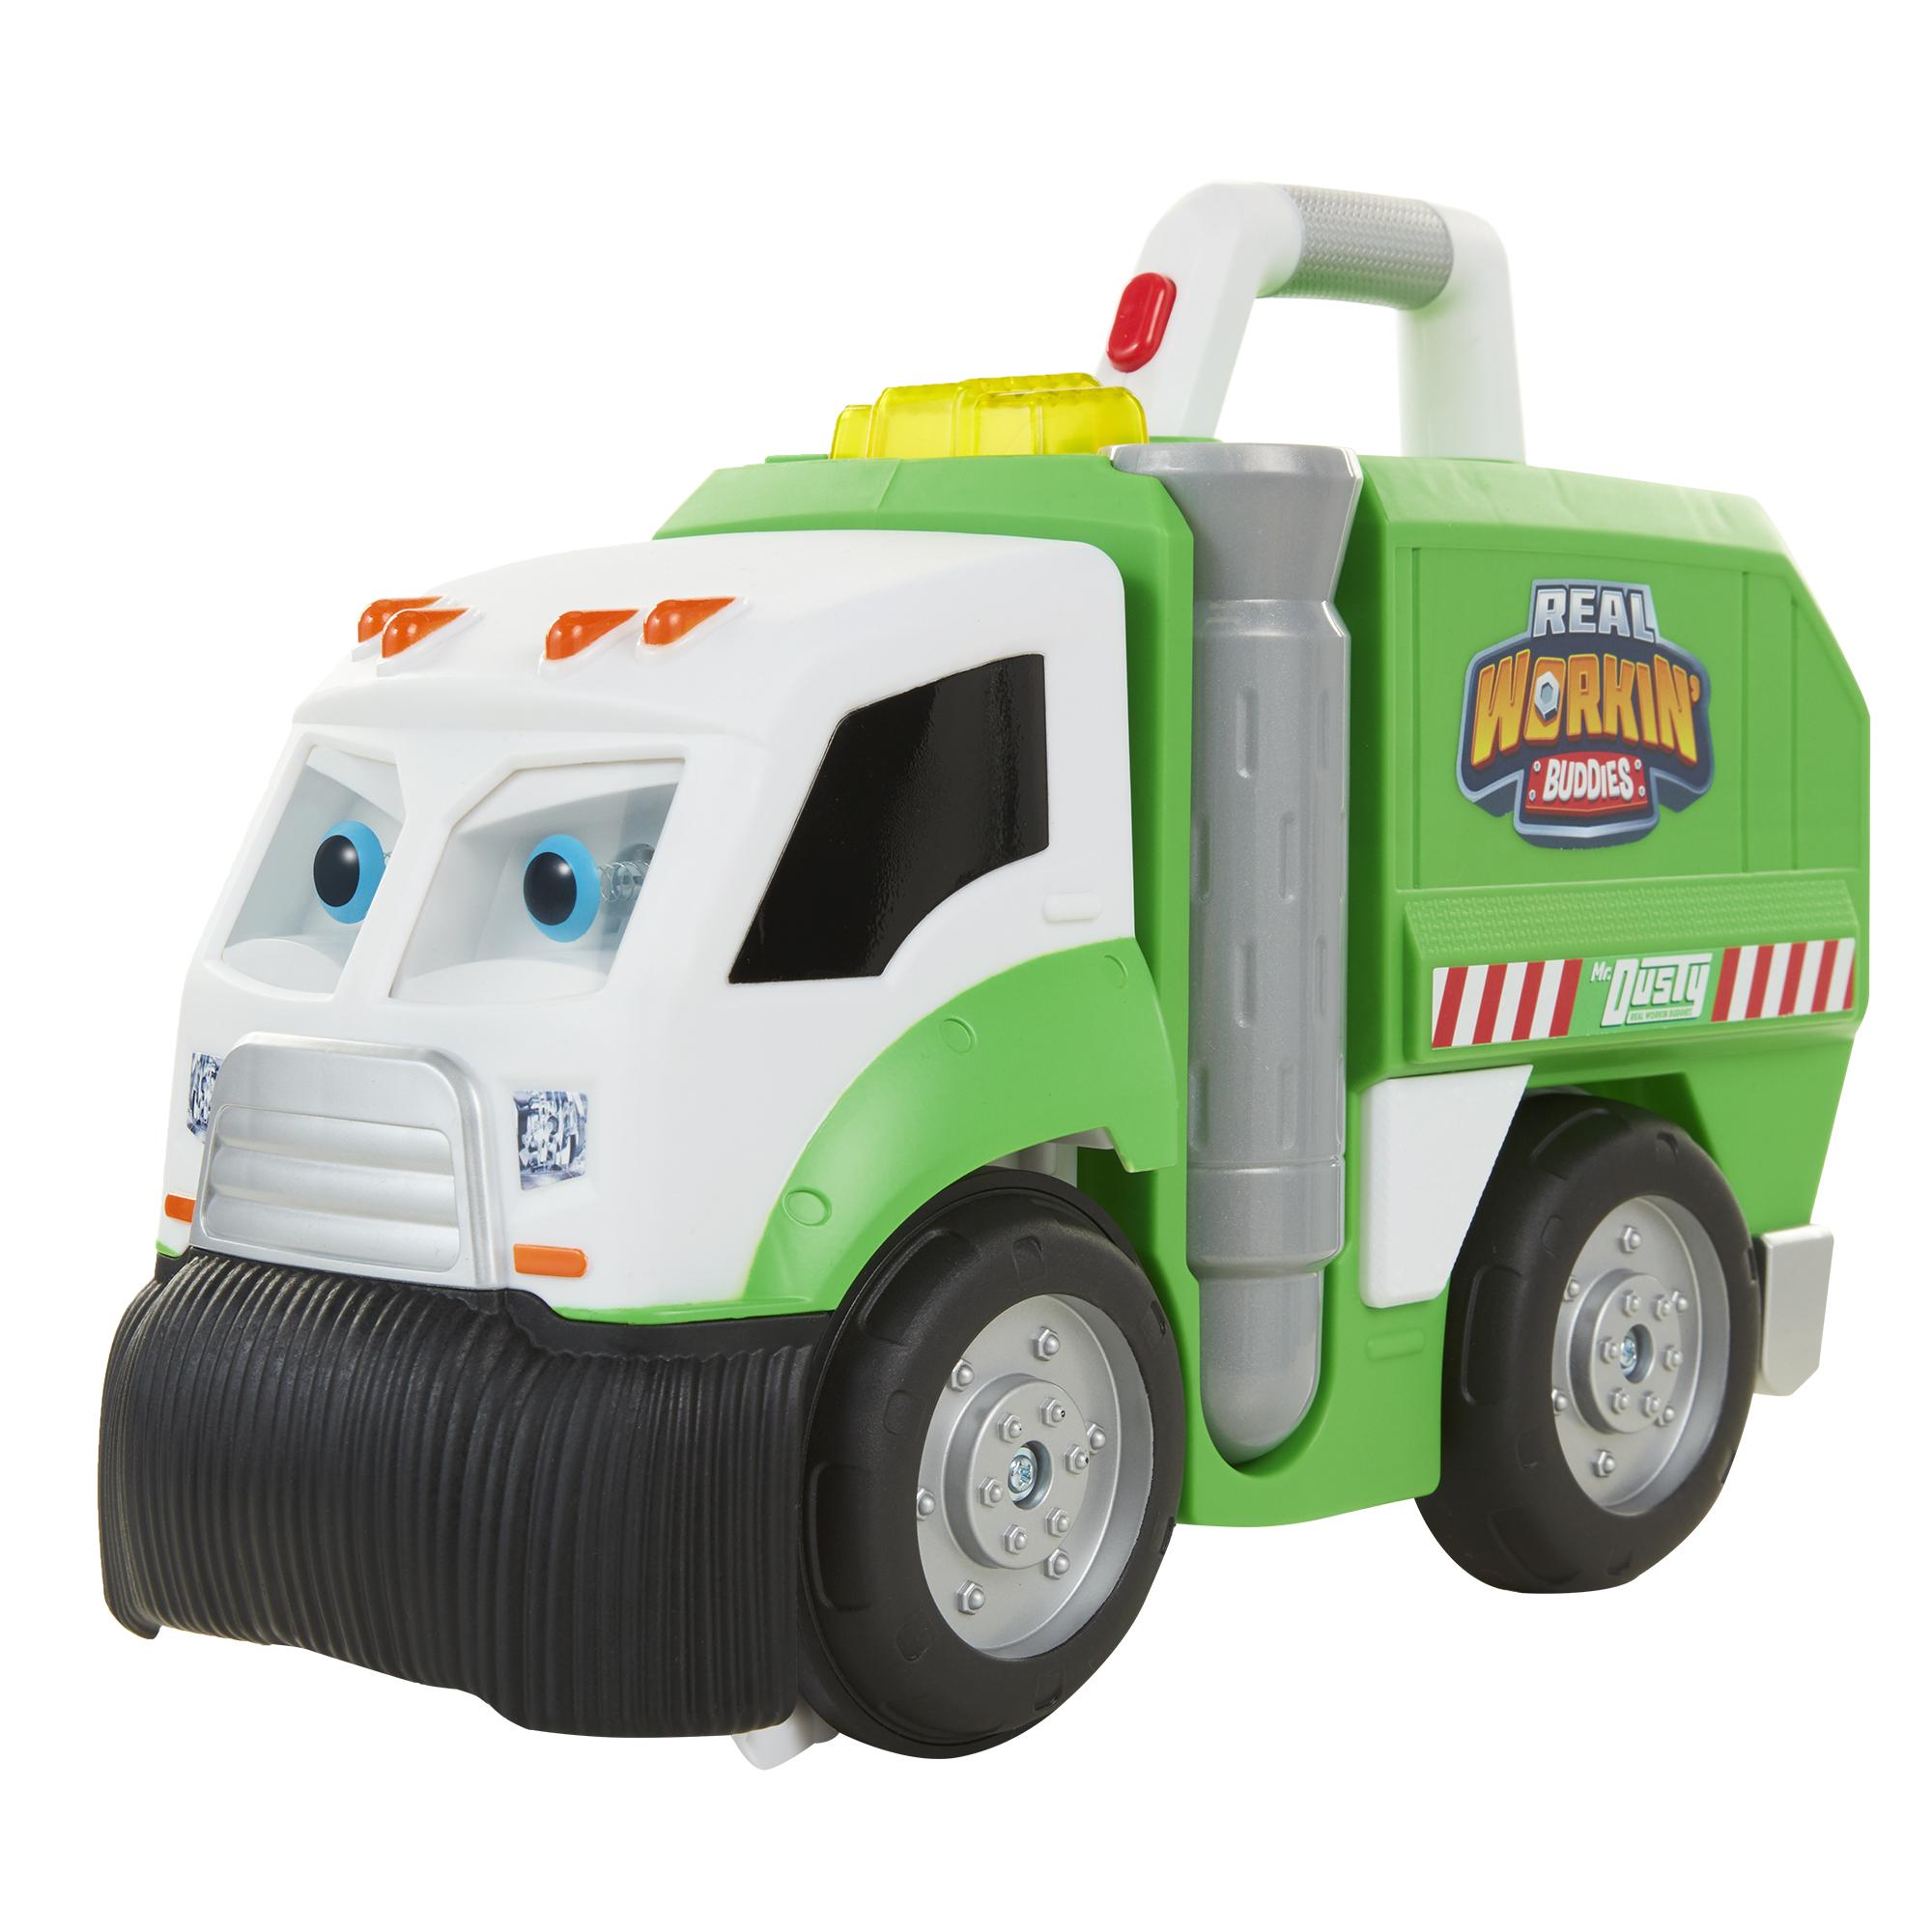 Машина Real Workin' Buddies Real Workin' Buddies 3 в 1 игрушка jakks pacific real workin buddies 583850